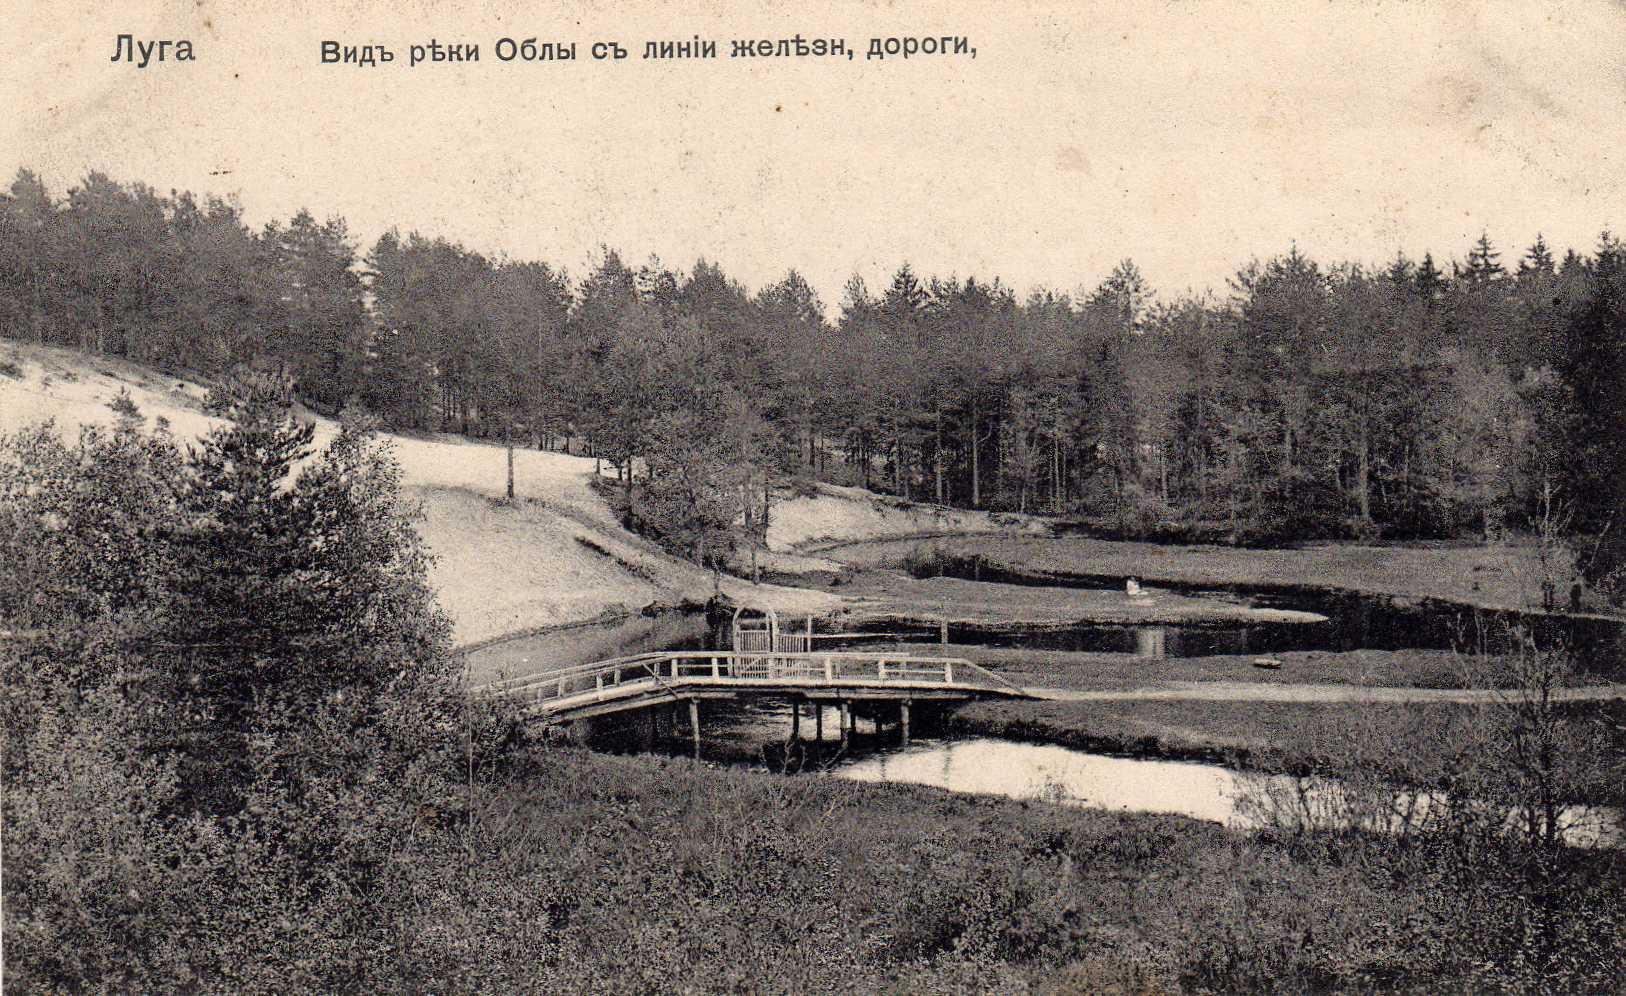 Окрестности Луги. Вид реки Облы с линии железной дороги